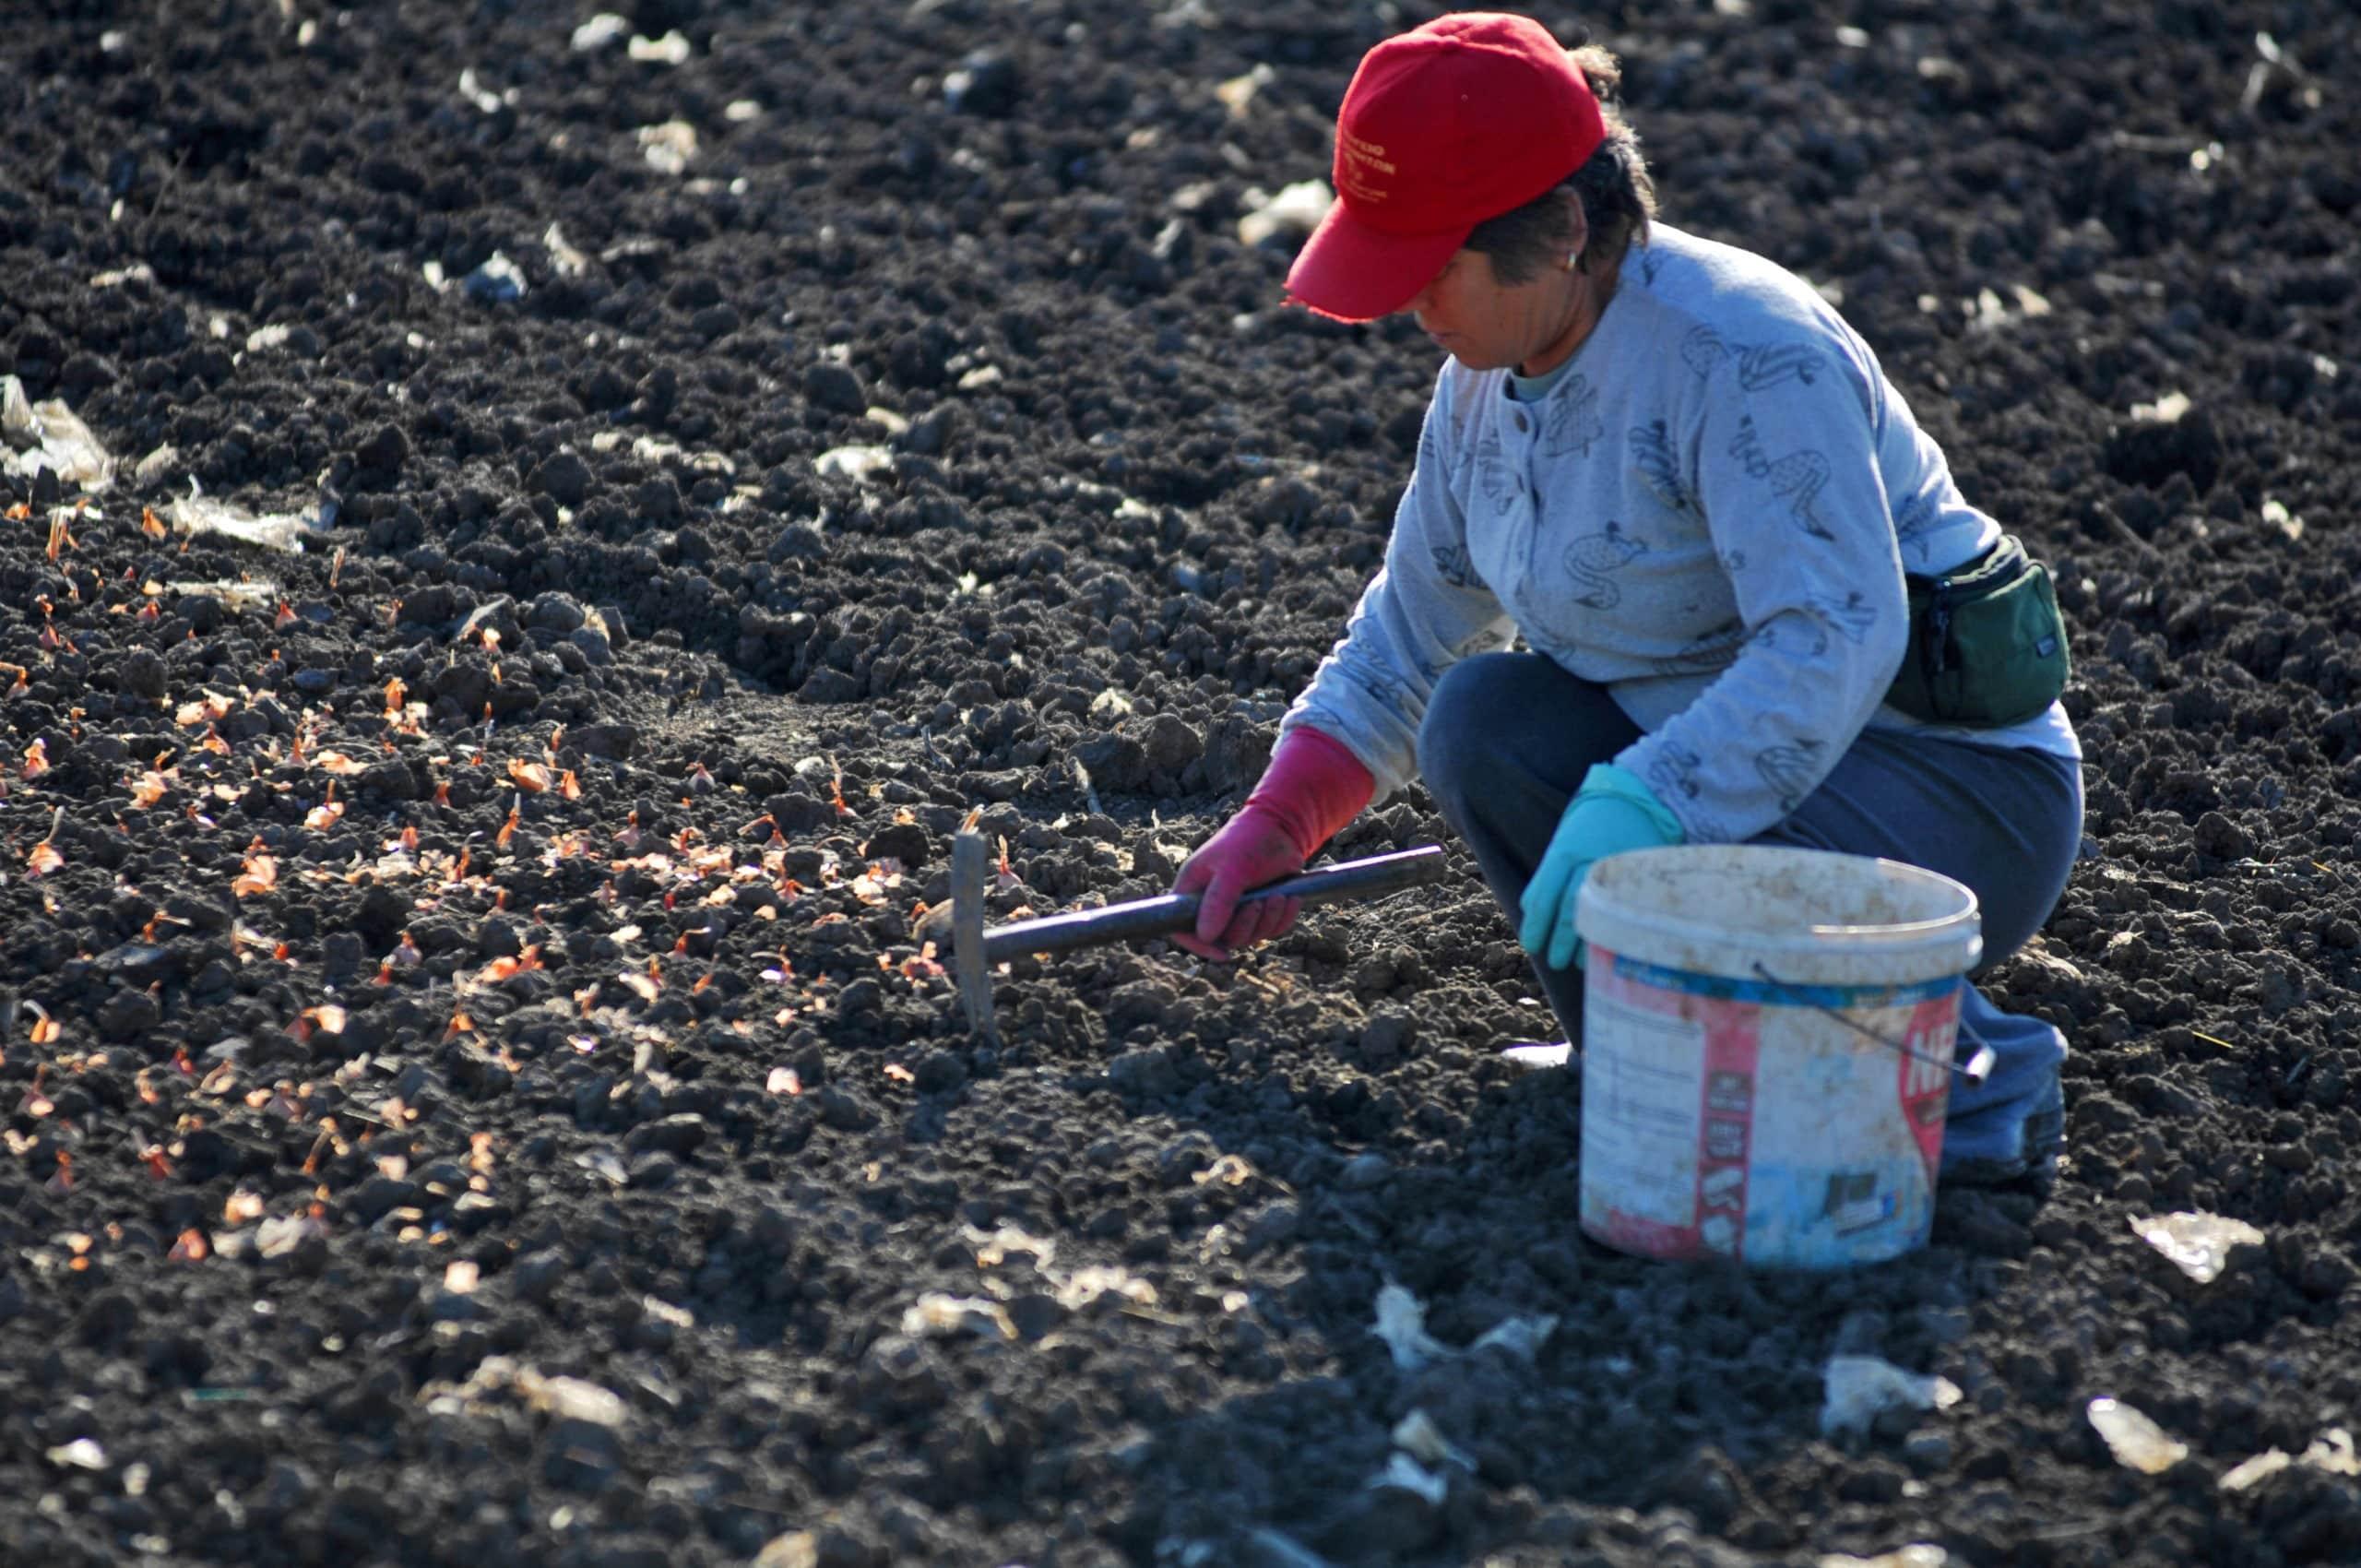 ΟΠΕΚΕΠΕ Πληρωμές ΟΠΕΚΑ Προνοιακά επιδόματα πληρωμή Δεκεμβρίου Πολύτεκνες αγρότισσες: Πότε πληρώνει το επίδομα €1.000 ο ΟΠΕΚΑ